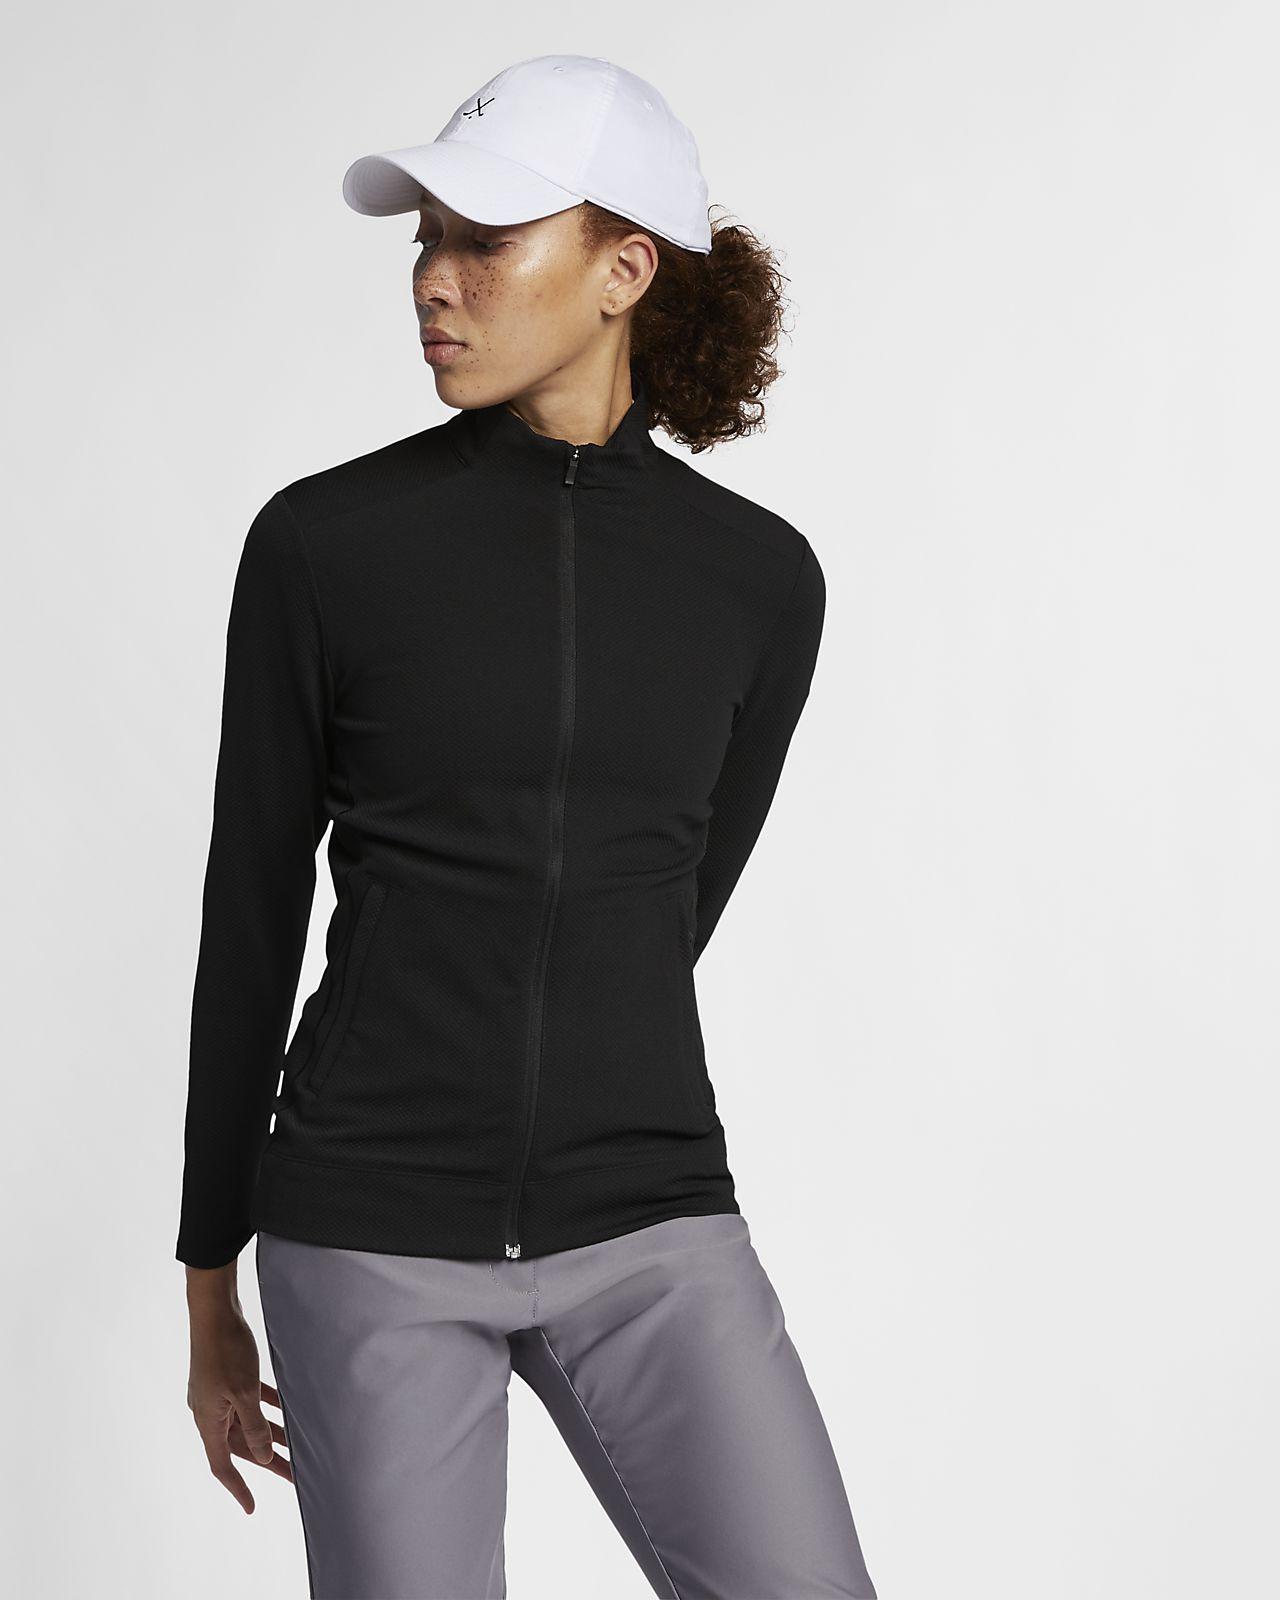 87b28a2b2cfa Nike Dri-FIT UV Women s Golf Jacket. Nike.com